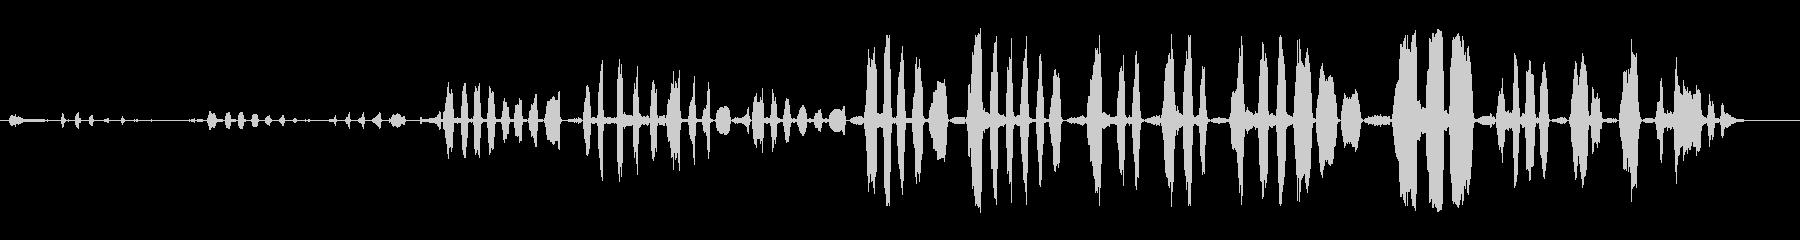 笑い声、男、笑い声、人間; DIG...の未再生の波形